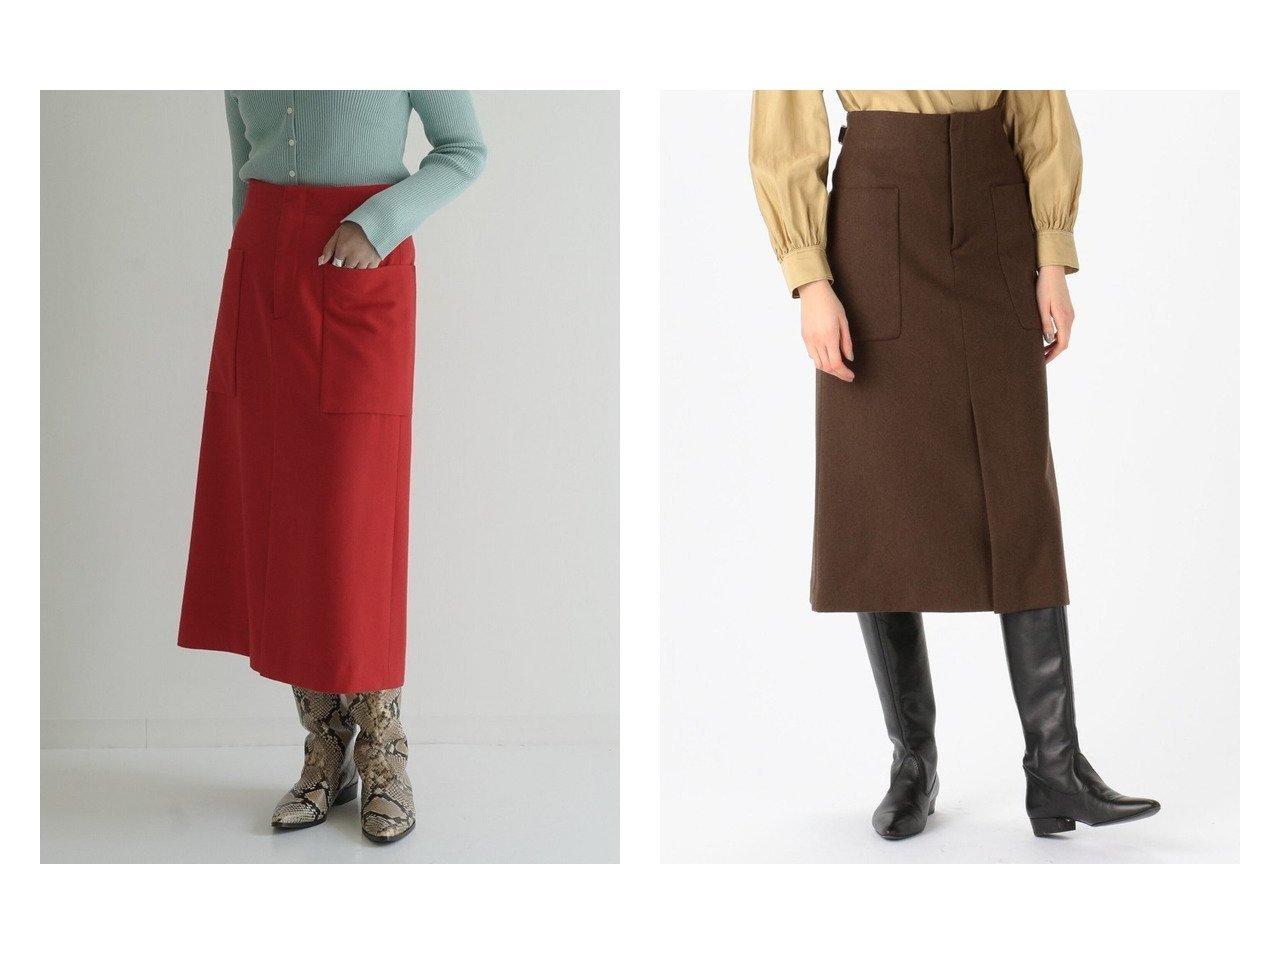 【TOMORROWLAND MACPHEE/トゥモローランド マカフィー】のウールフランネル トラペーズスカート パンツのおすすめ!人気、トレンド・レディースファッションの通販 おすすめで人気の流行・トレンド、ファッションの通販商品 メンズファッション・キッズファッション・インテリア・家具・レディースファッション・服の通販 founy(ファニー) https://founy.com/ ファッション Fashion レディースファッション WOMEN スカート Skirt Aライン/フレアスカート Flared A-Line Skirts 2020年 2020 2020-2021 秋冬 A/W AW Autumn/Winter / FW Fall-Winter 2020-2021 A/W 秋冬 AW Autumn/Winter / FW Fall-Winter カーゴパンツ クラシカル パッチ フィット フレア ポケット |ID:crp329100000012853